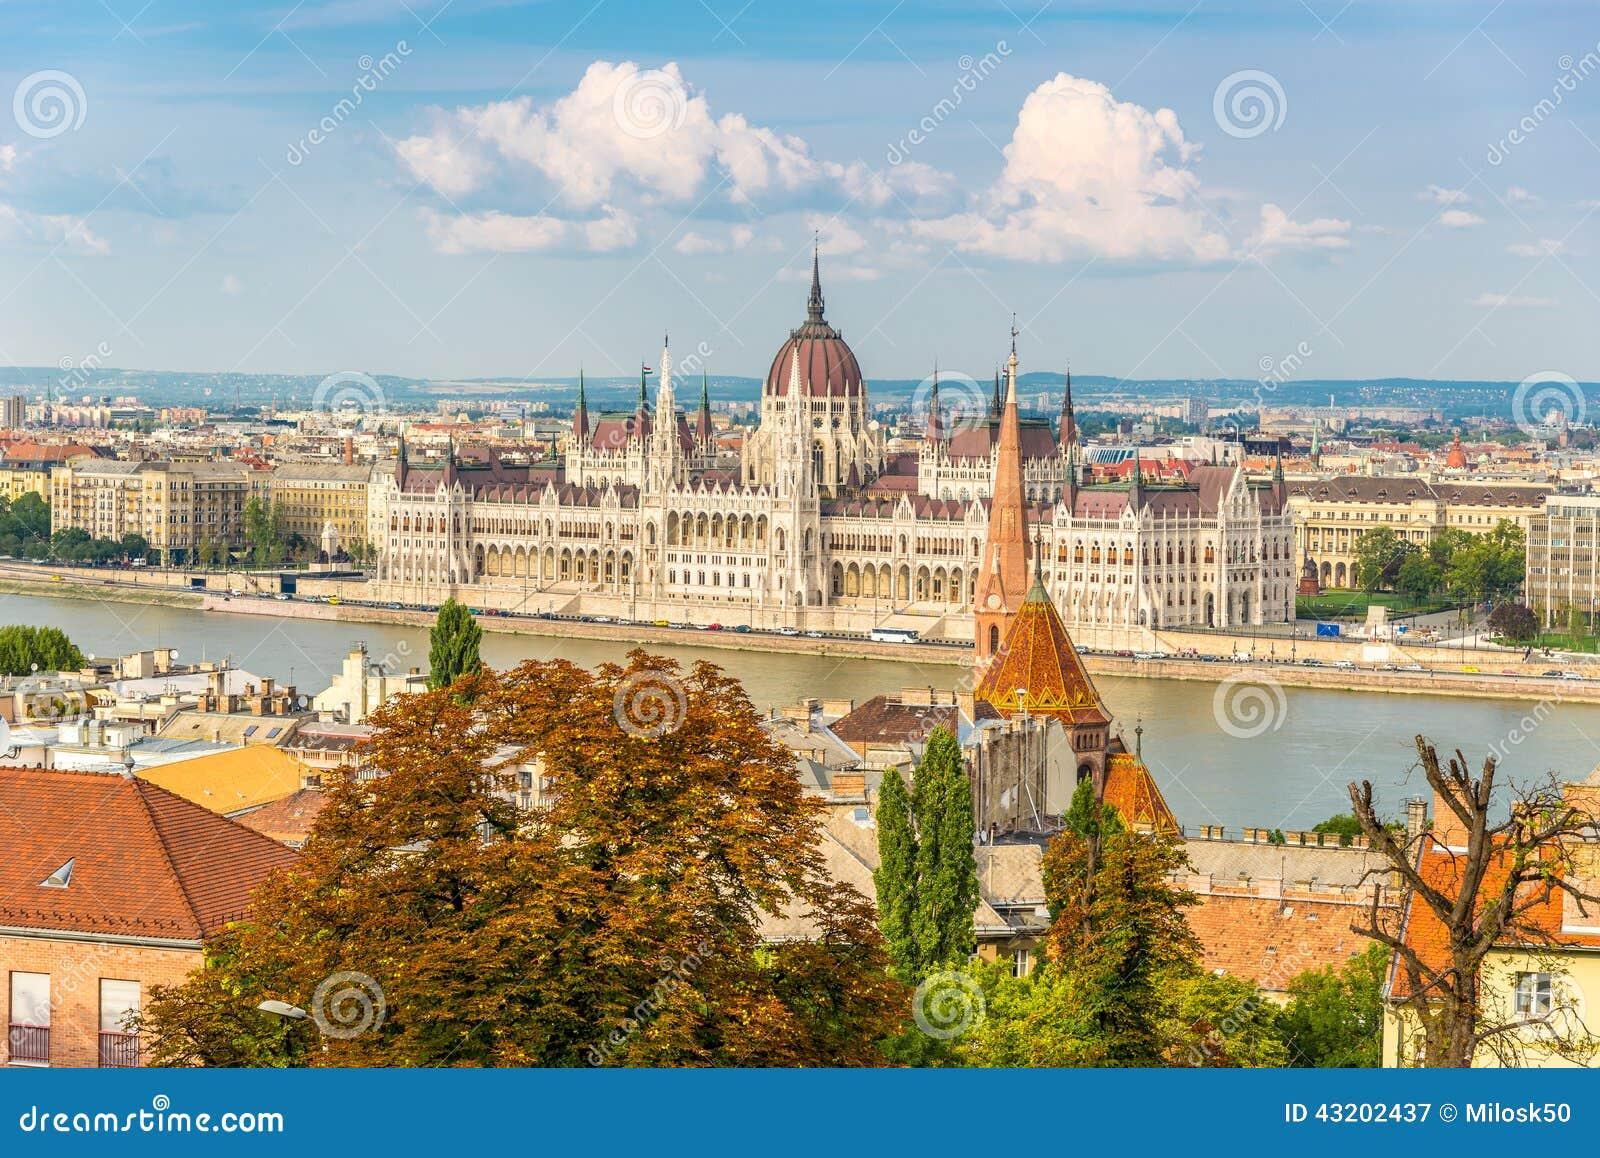 Download Sikt Från Buda På Parlamentet I Budapest Fotografering för Bildbyråer - Bild av danube, parlament: 43202437